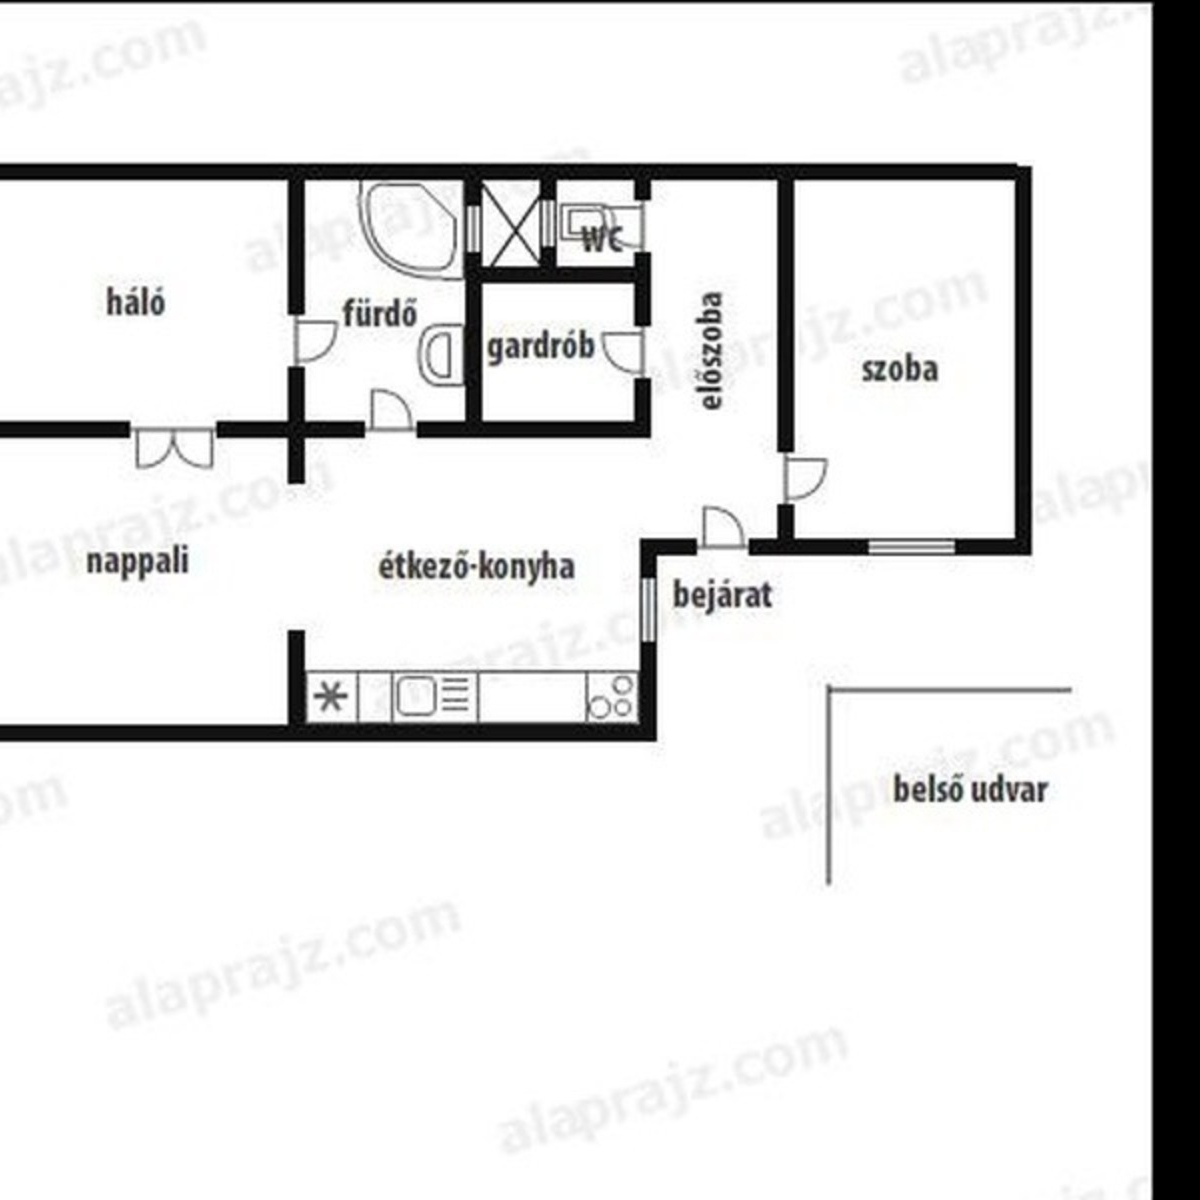 Eladó  téglalakás (Budapest, VII. kerületBudapest, VII. kerület) 49,9 M  Ft